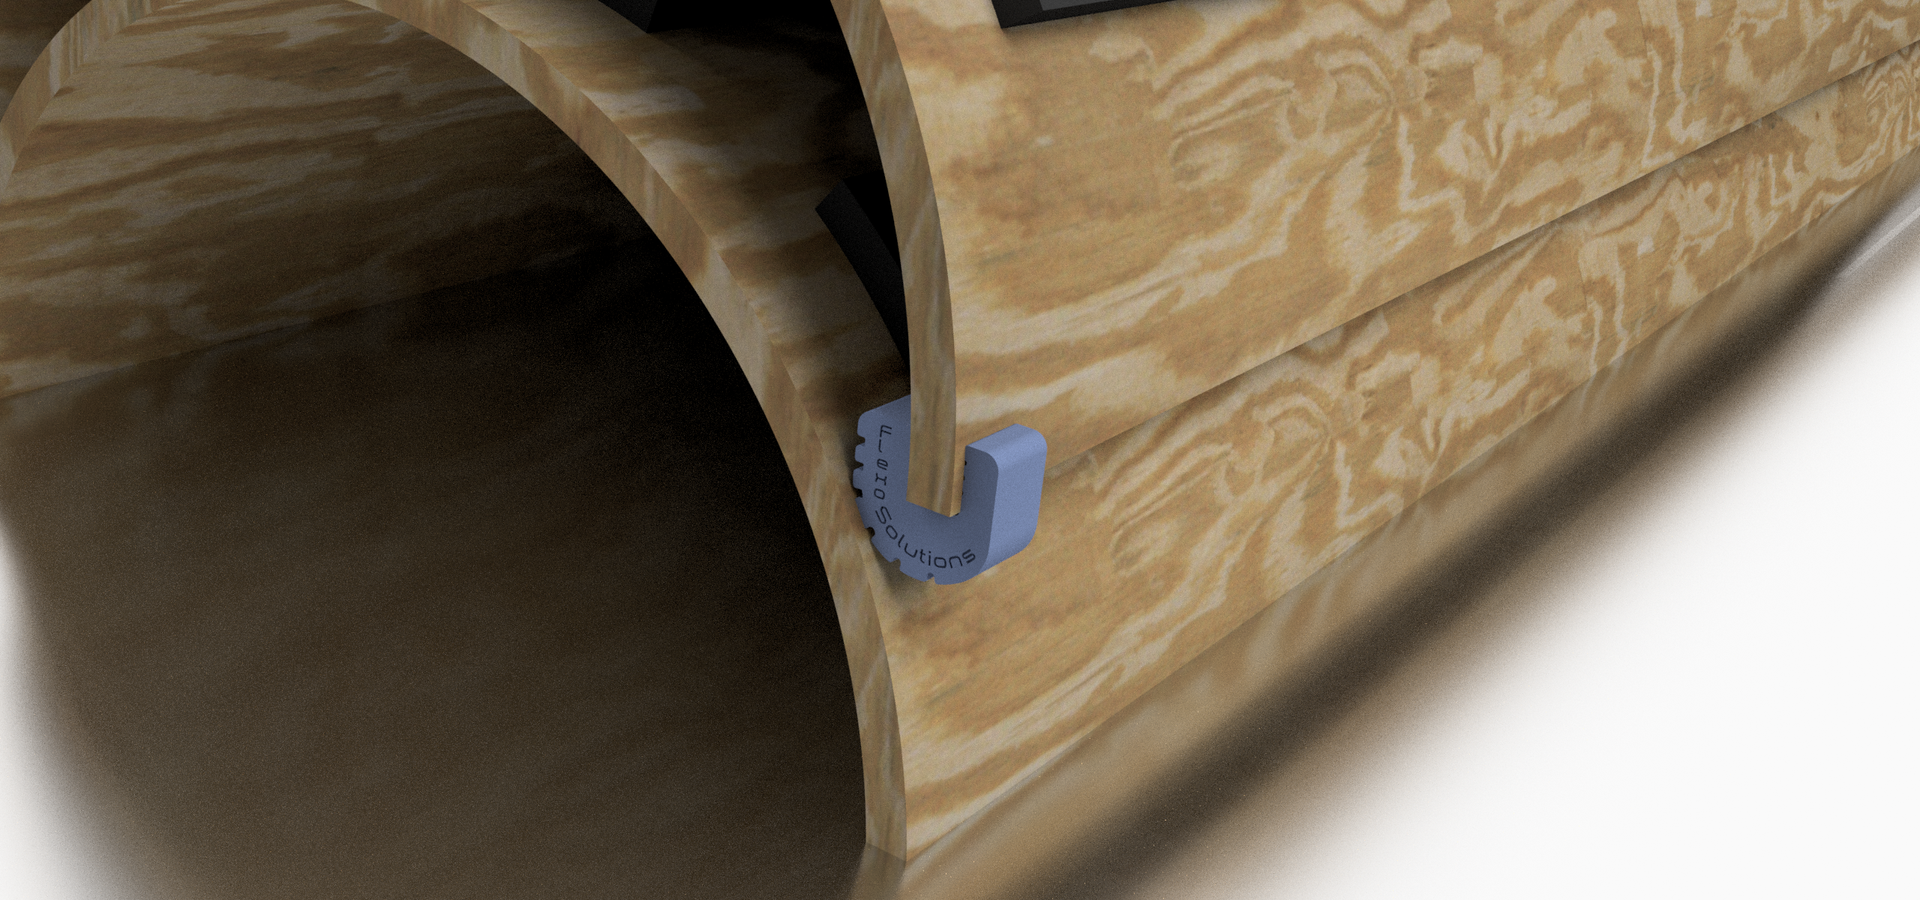 Troquel-Rotativo-separador.png